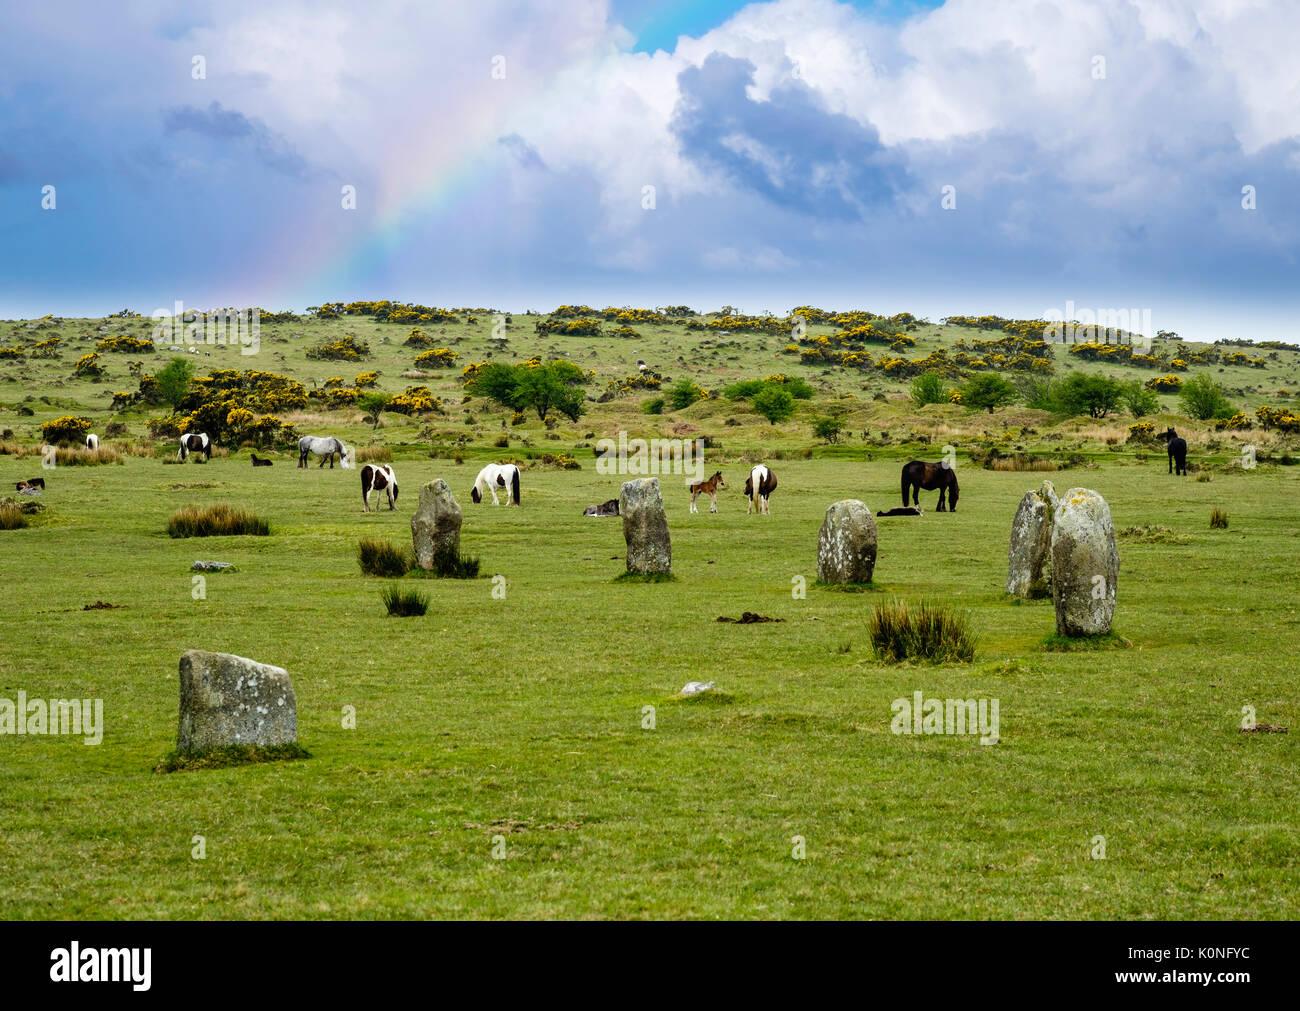 Megalithen, die Schleuderer aus Bronzezeit Steinkreis, Ponys, Bodmin Moor, Cornwall, England, Großbritannien Stockfoto